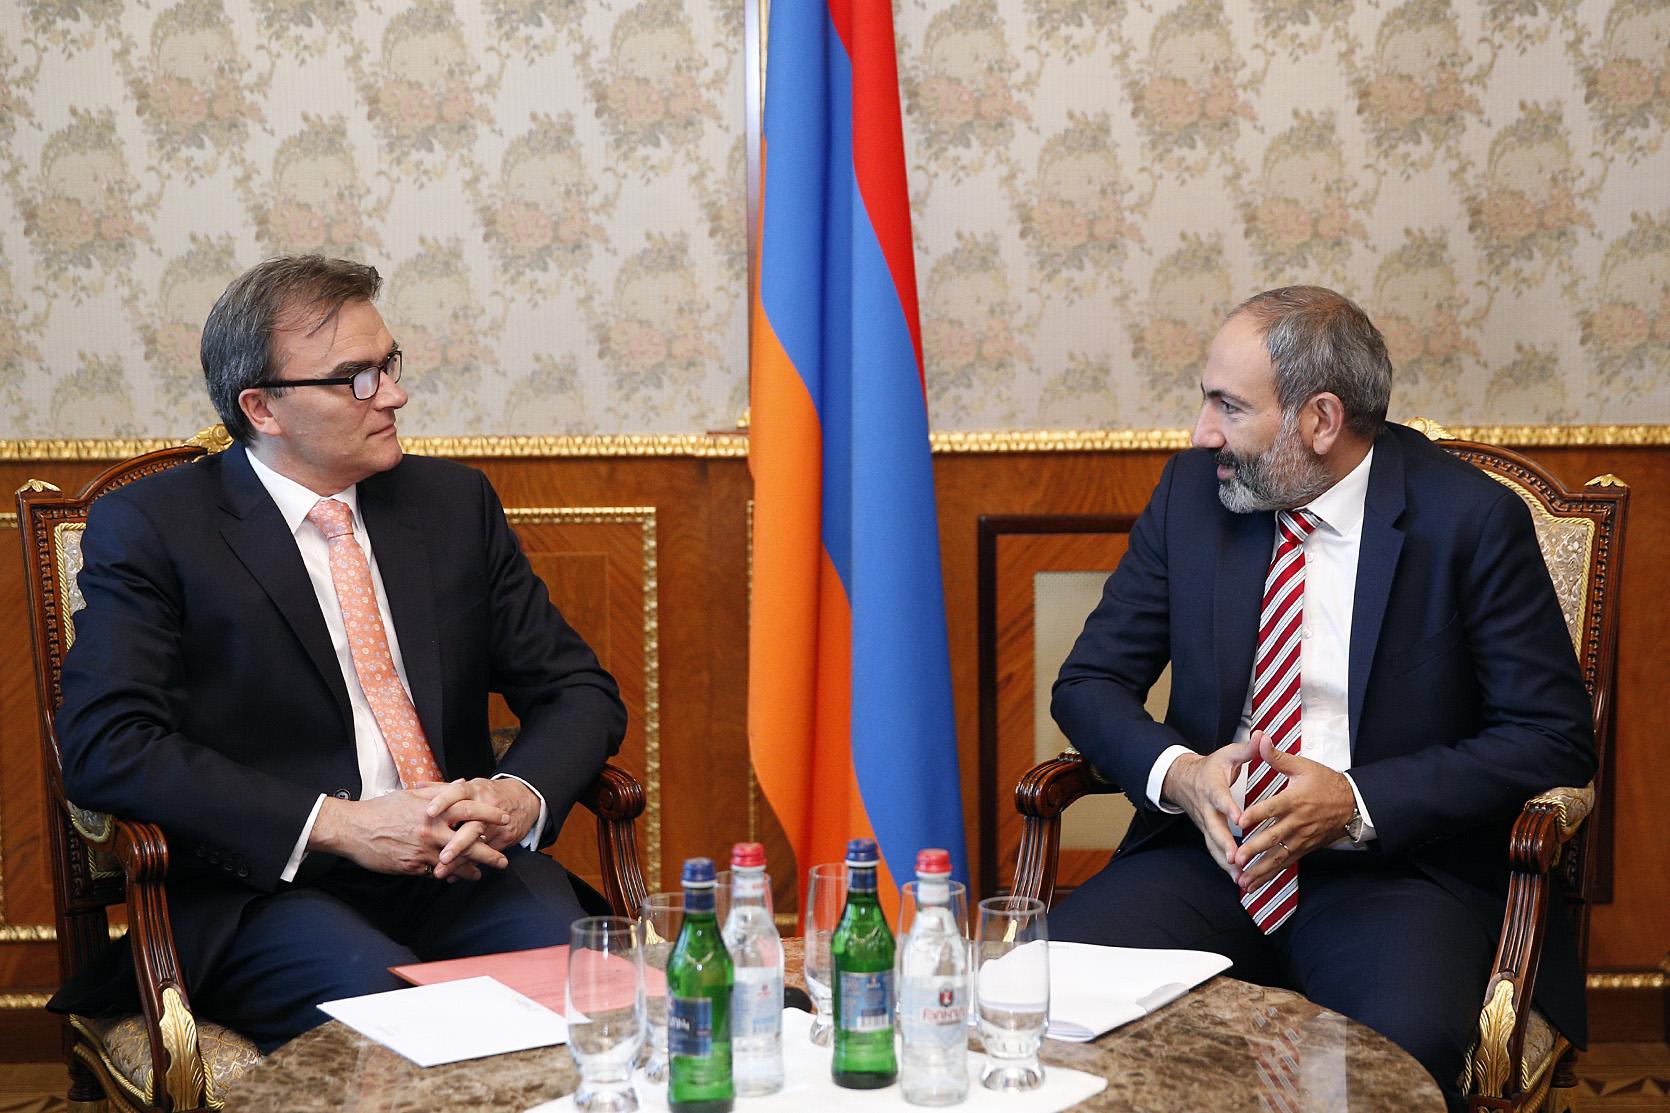 ՀՀ վարչապետը և Շվեյցարիայի դեսպանը քննարկել են հայ-շվեյցարական հարաբերությունների զարգացմանն ուղղված հարցեր